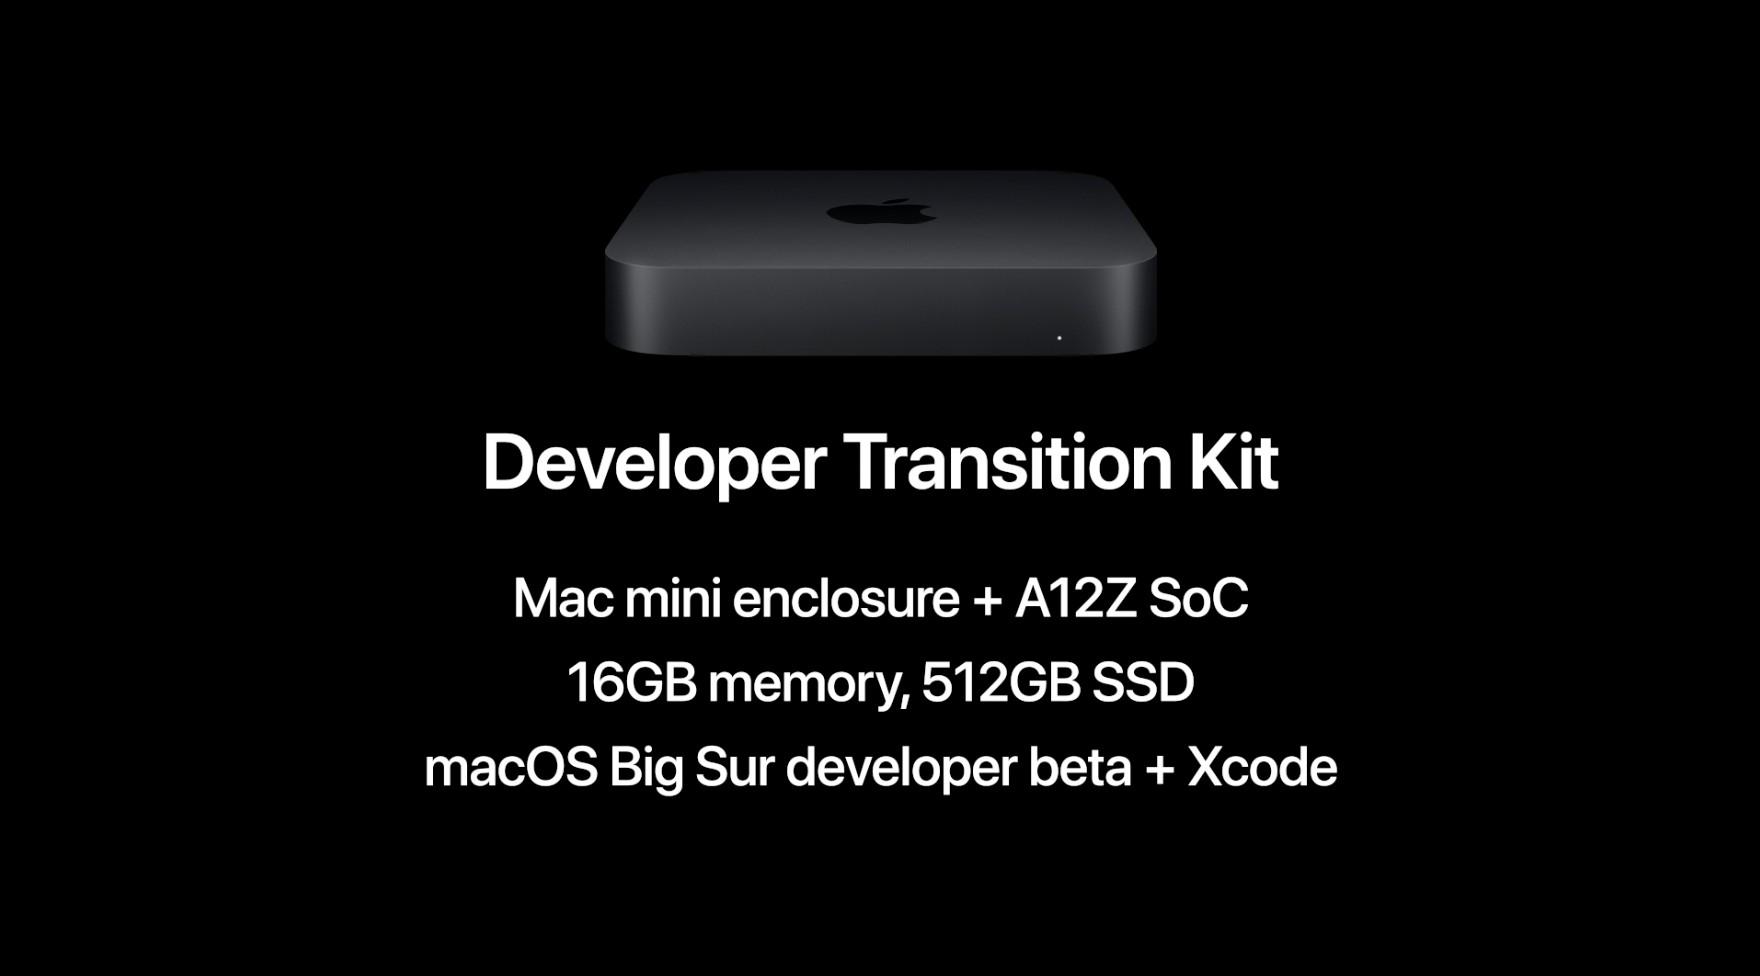 Apple Mac mini A12Z